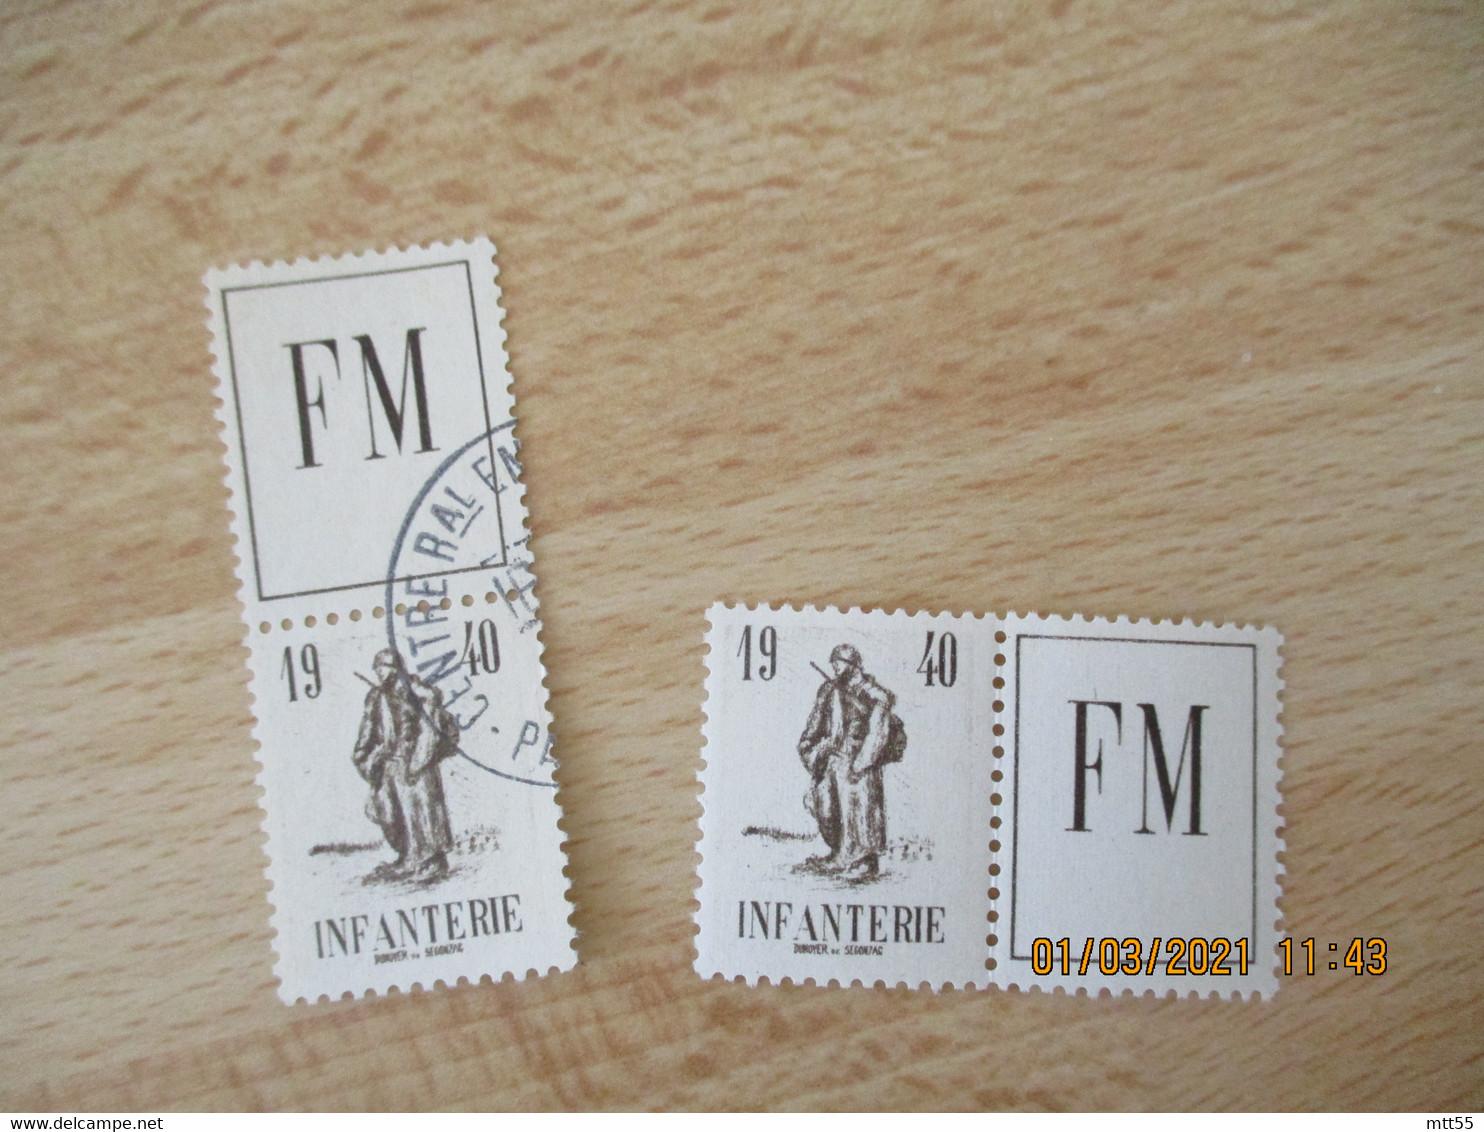 Lot De 2 Infanterie F M 1940 Franchise Militaire Vignette Timbre Eronnophilie - Militärmarken